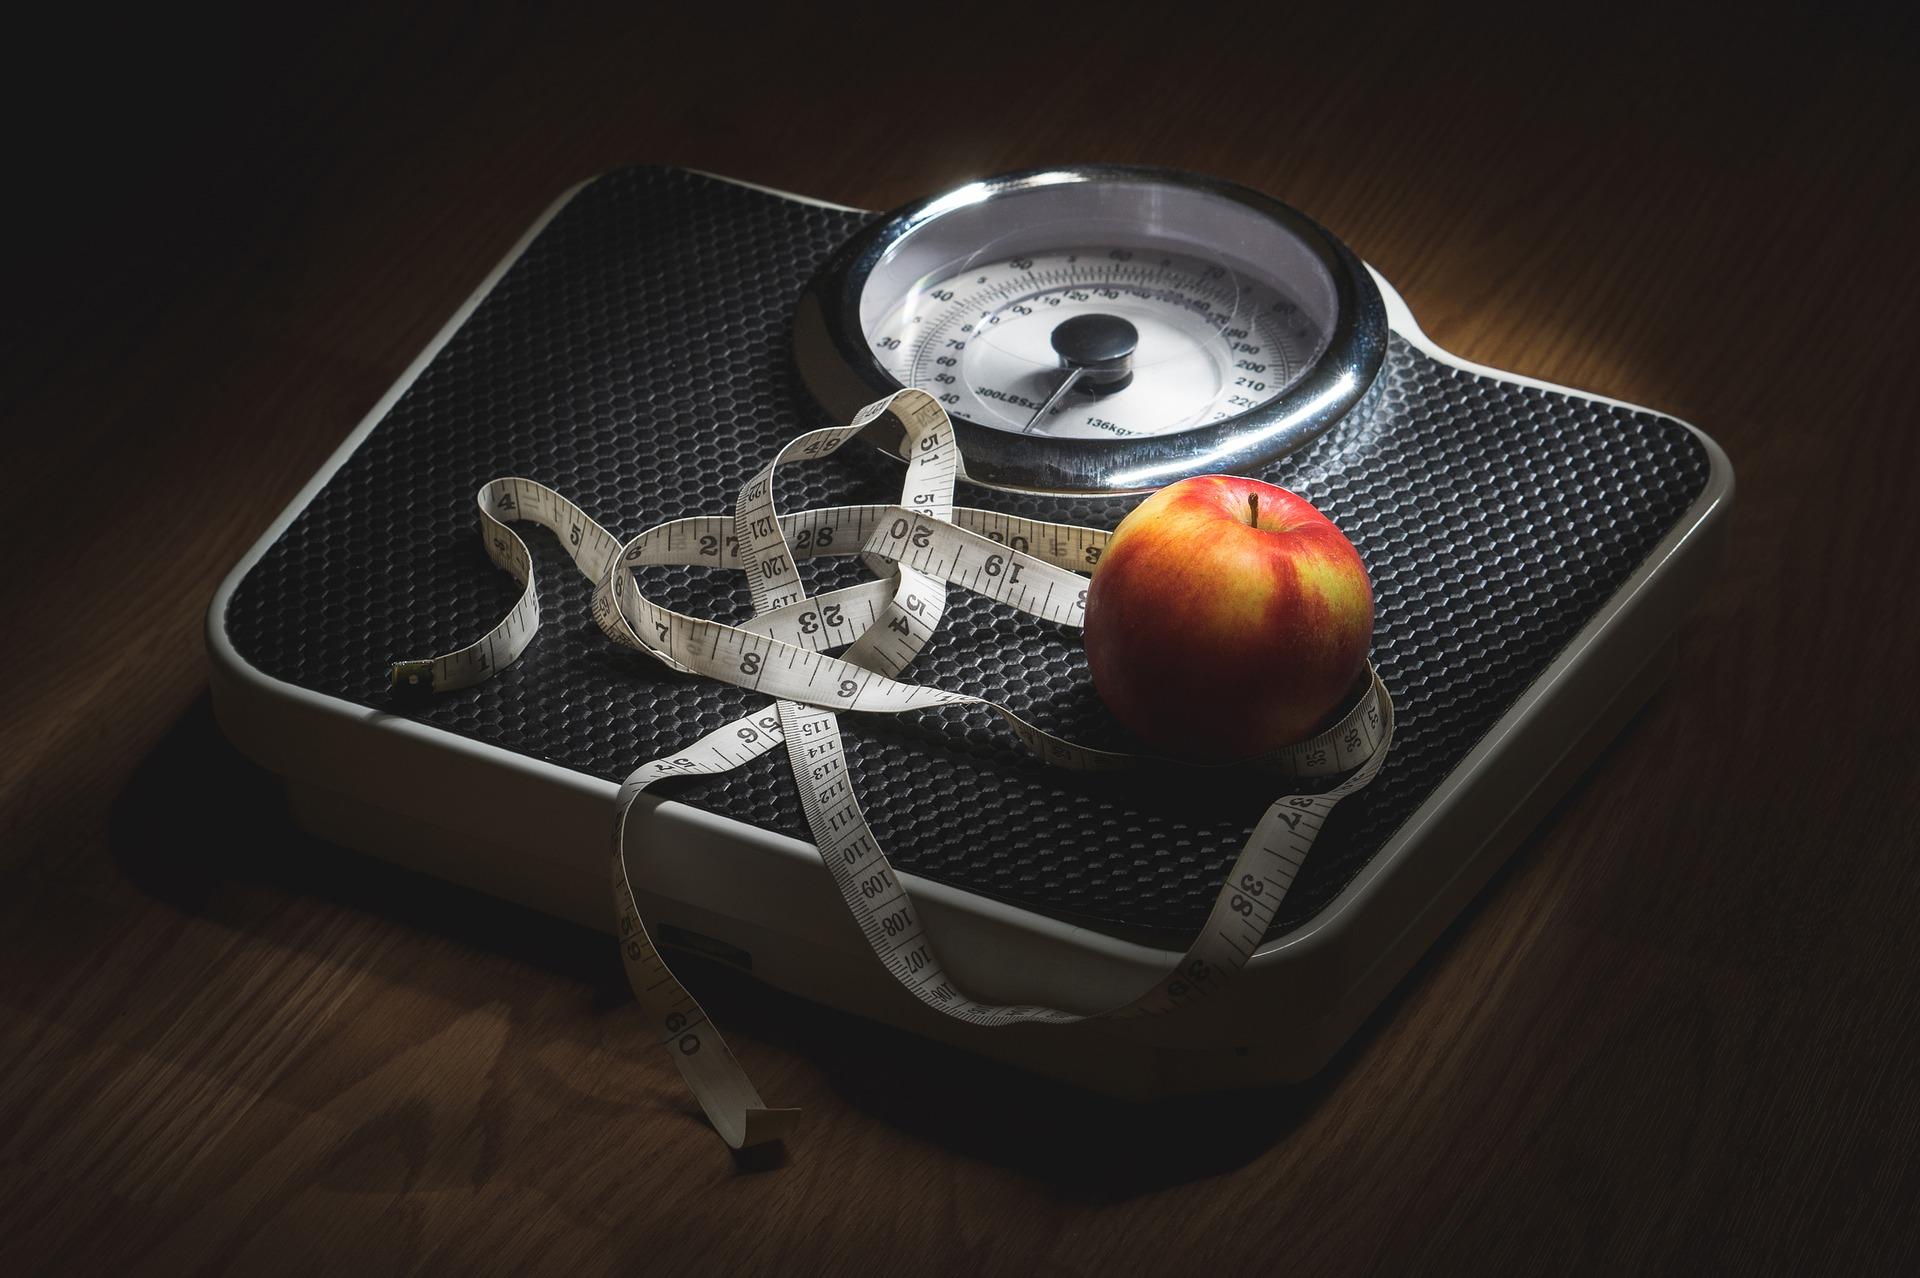 Curso Experto en el tratamiento dietético del sobrepeso y obesidad – Descuento para socios